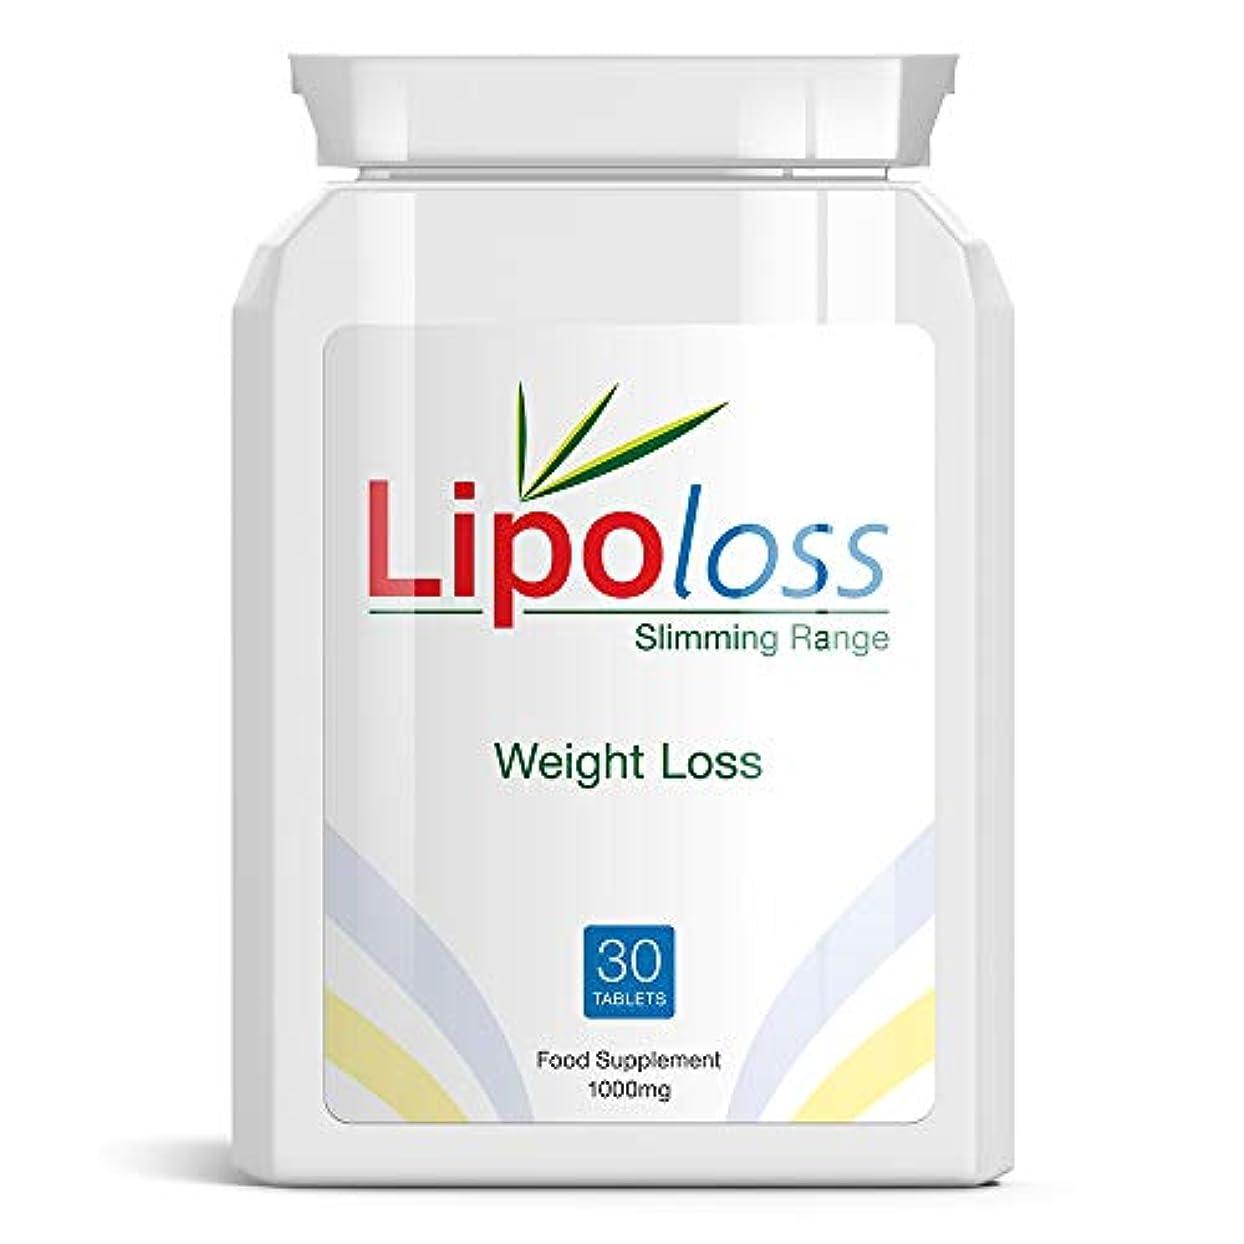 増幅する余剰追記LIPOLOSS Weight Loss Natural Pills 減量ナチュラルサプリメントカプセル- 食餌 スリミング-が genryō nachurarusapurimentokapuseru - Surimingu- shokuji ekusutorīmu fatto loss - ga -